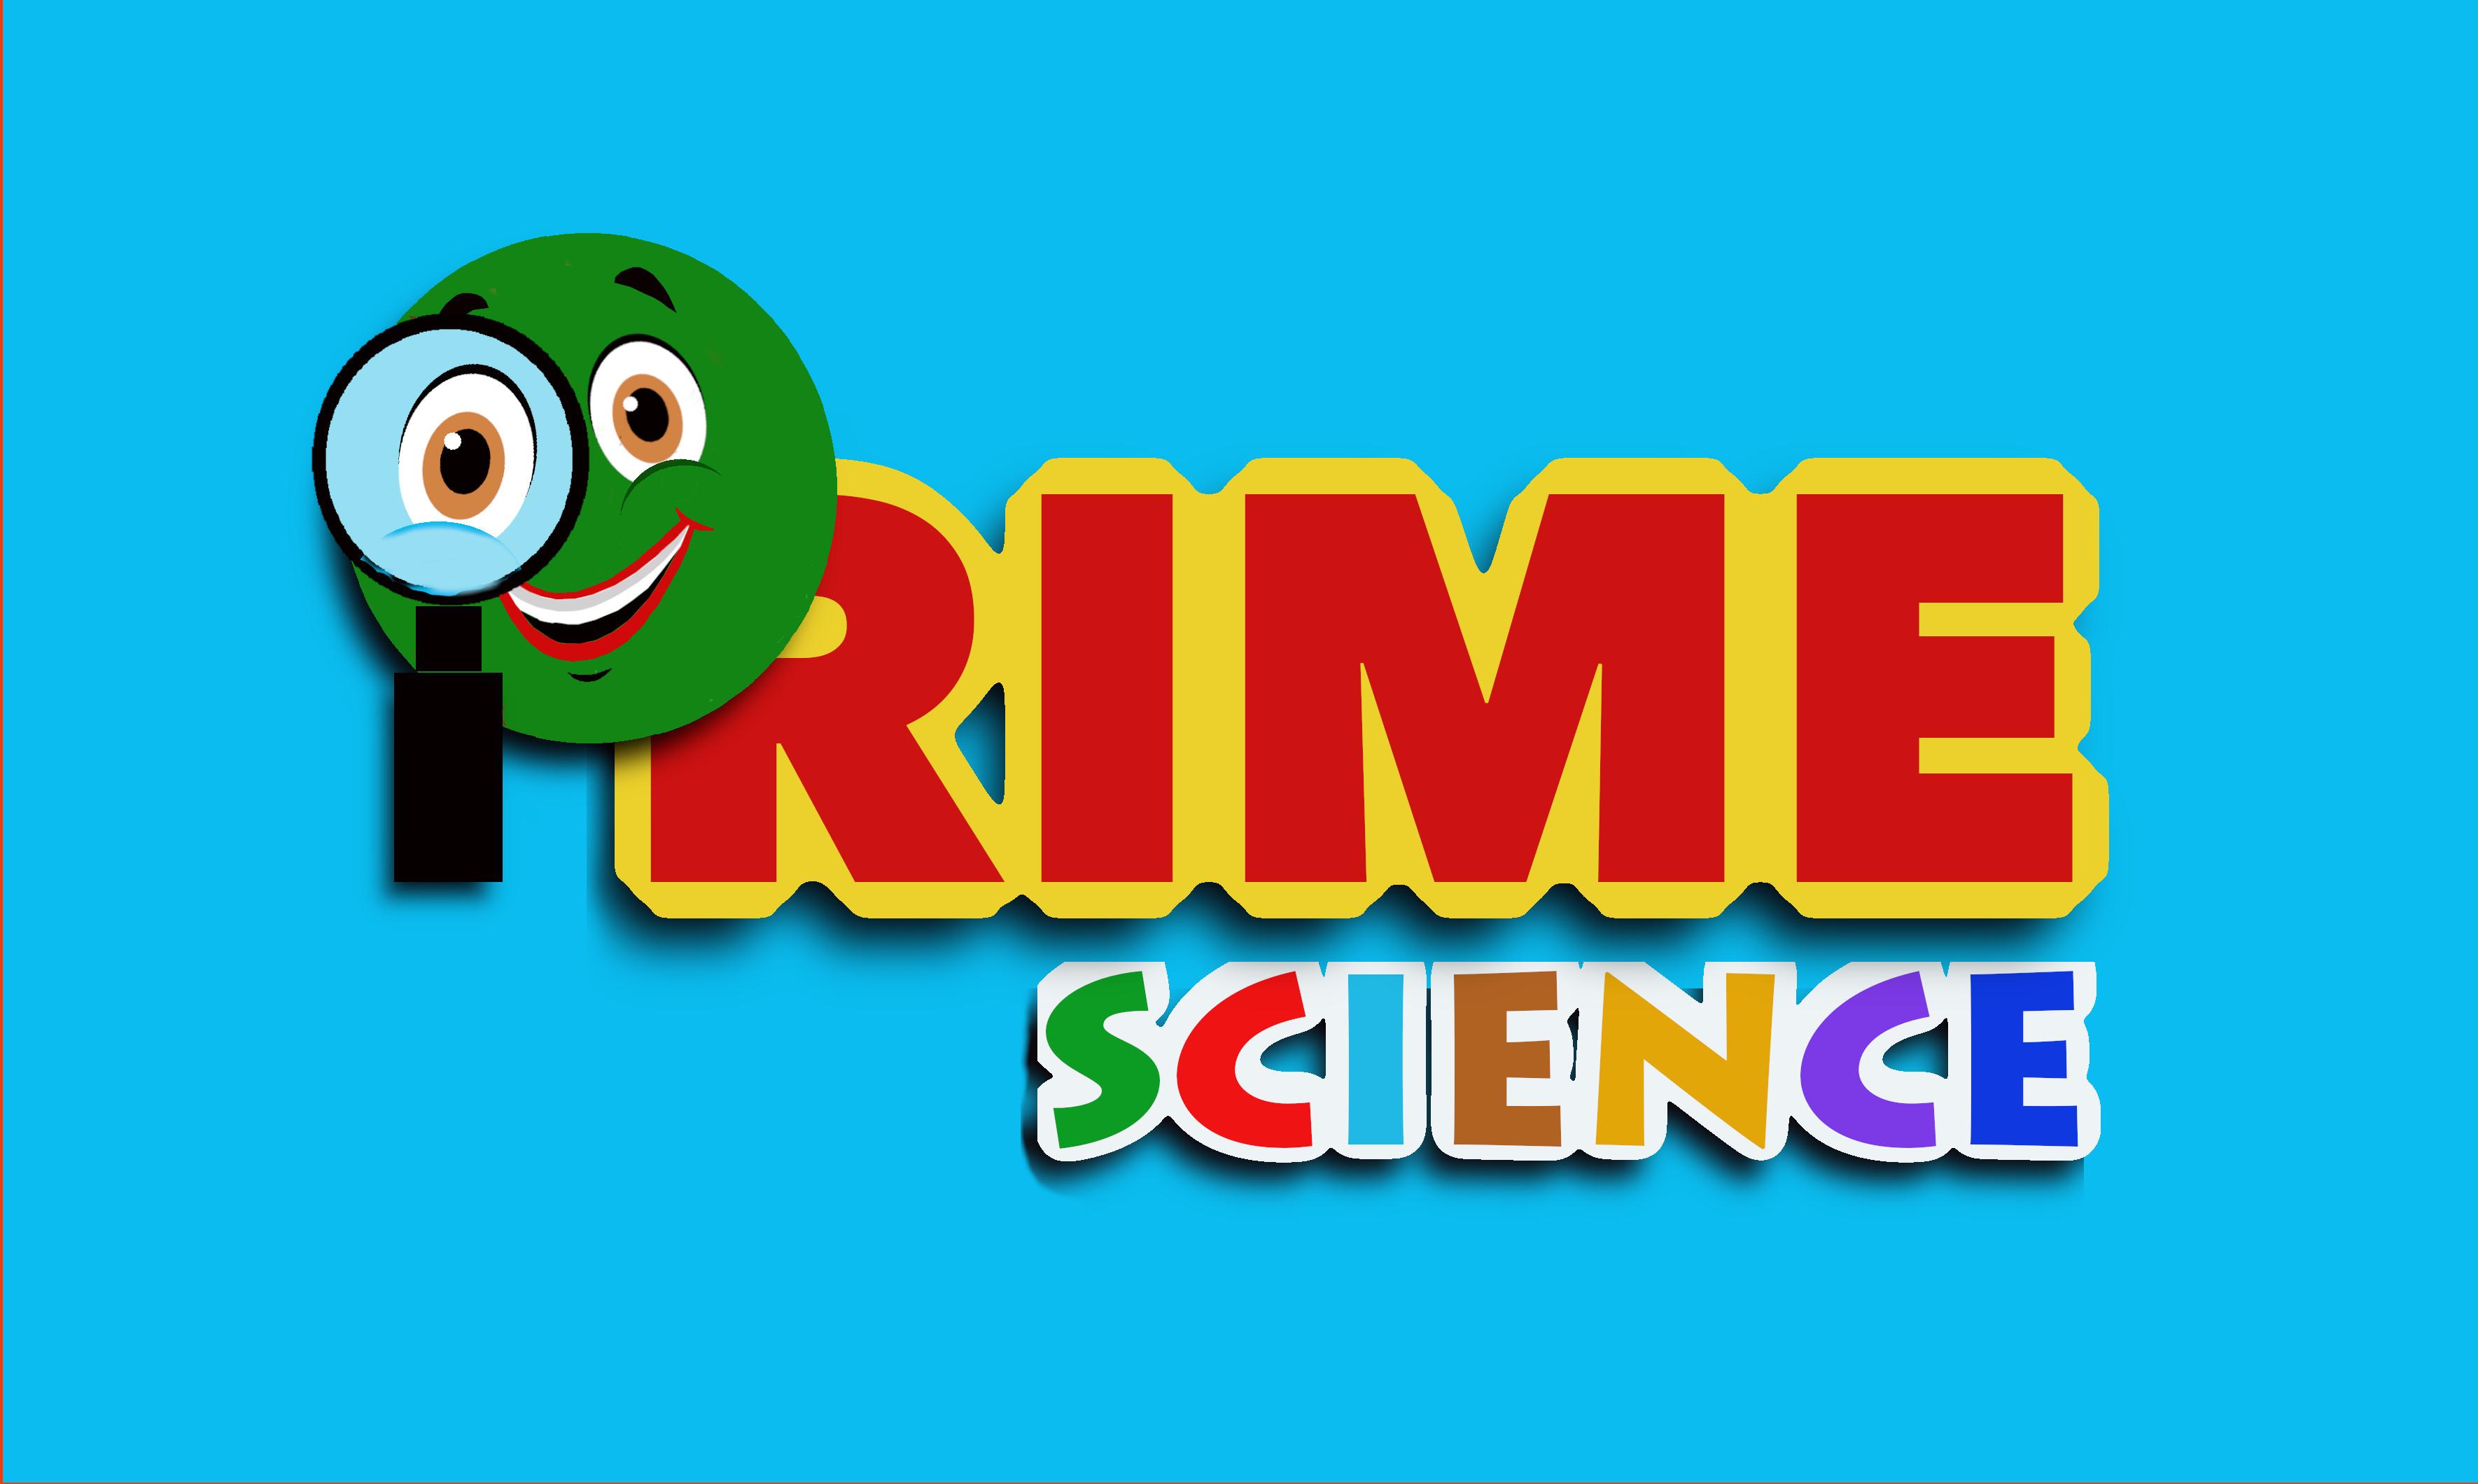 Prime science